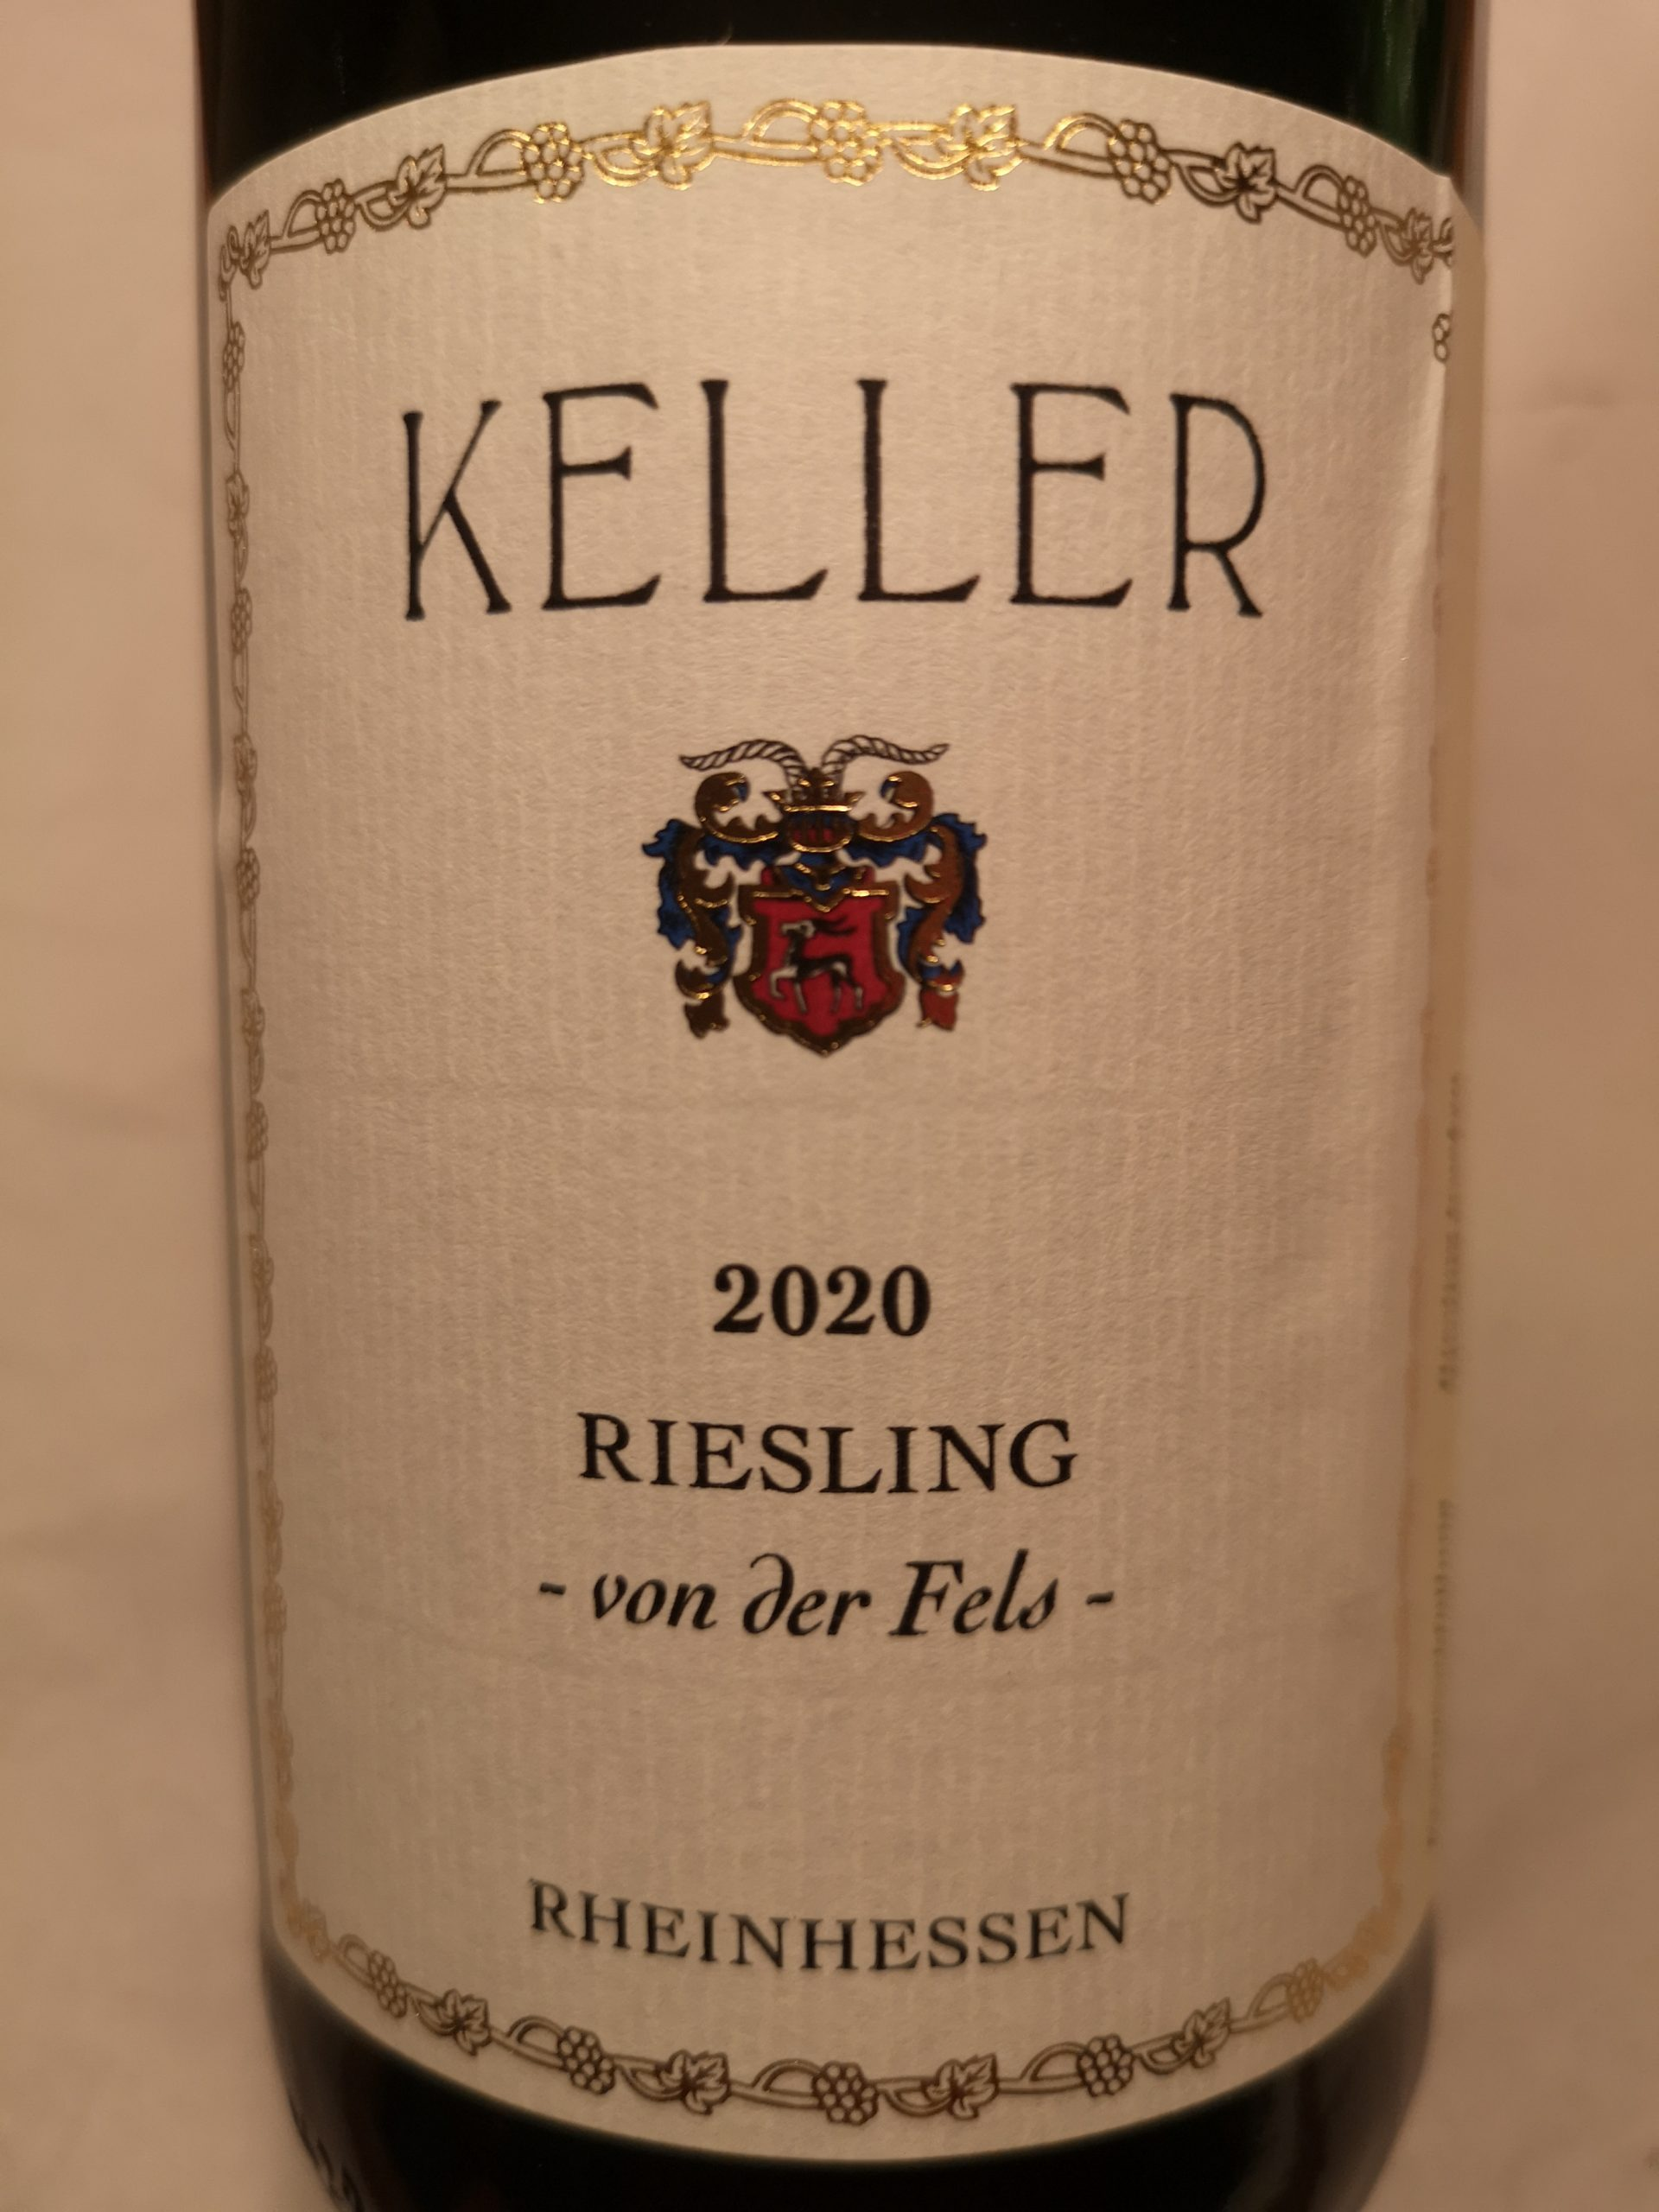 2020 Riesling von der Fels | Keller